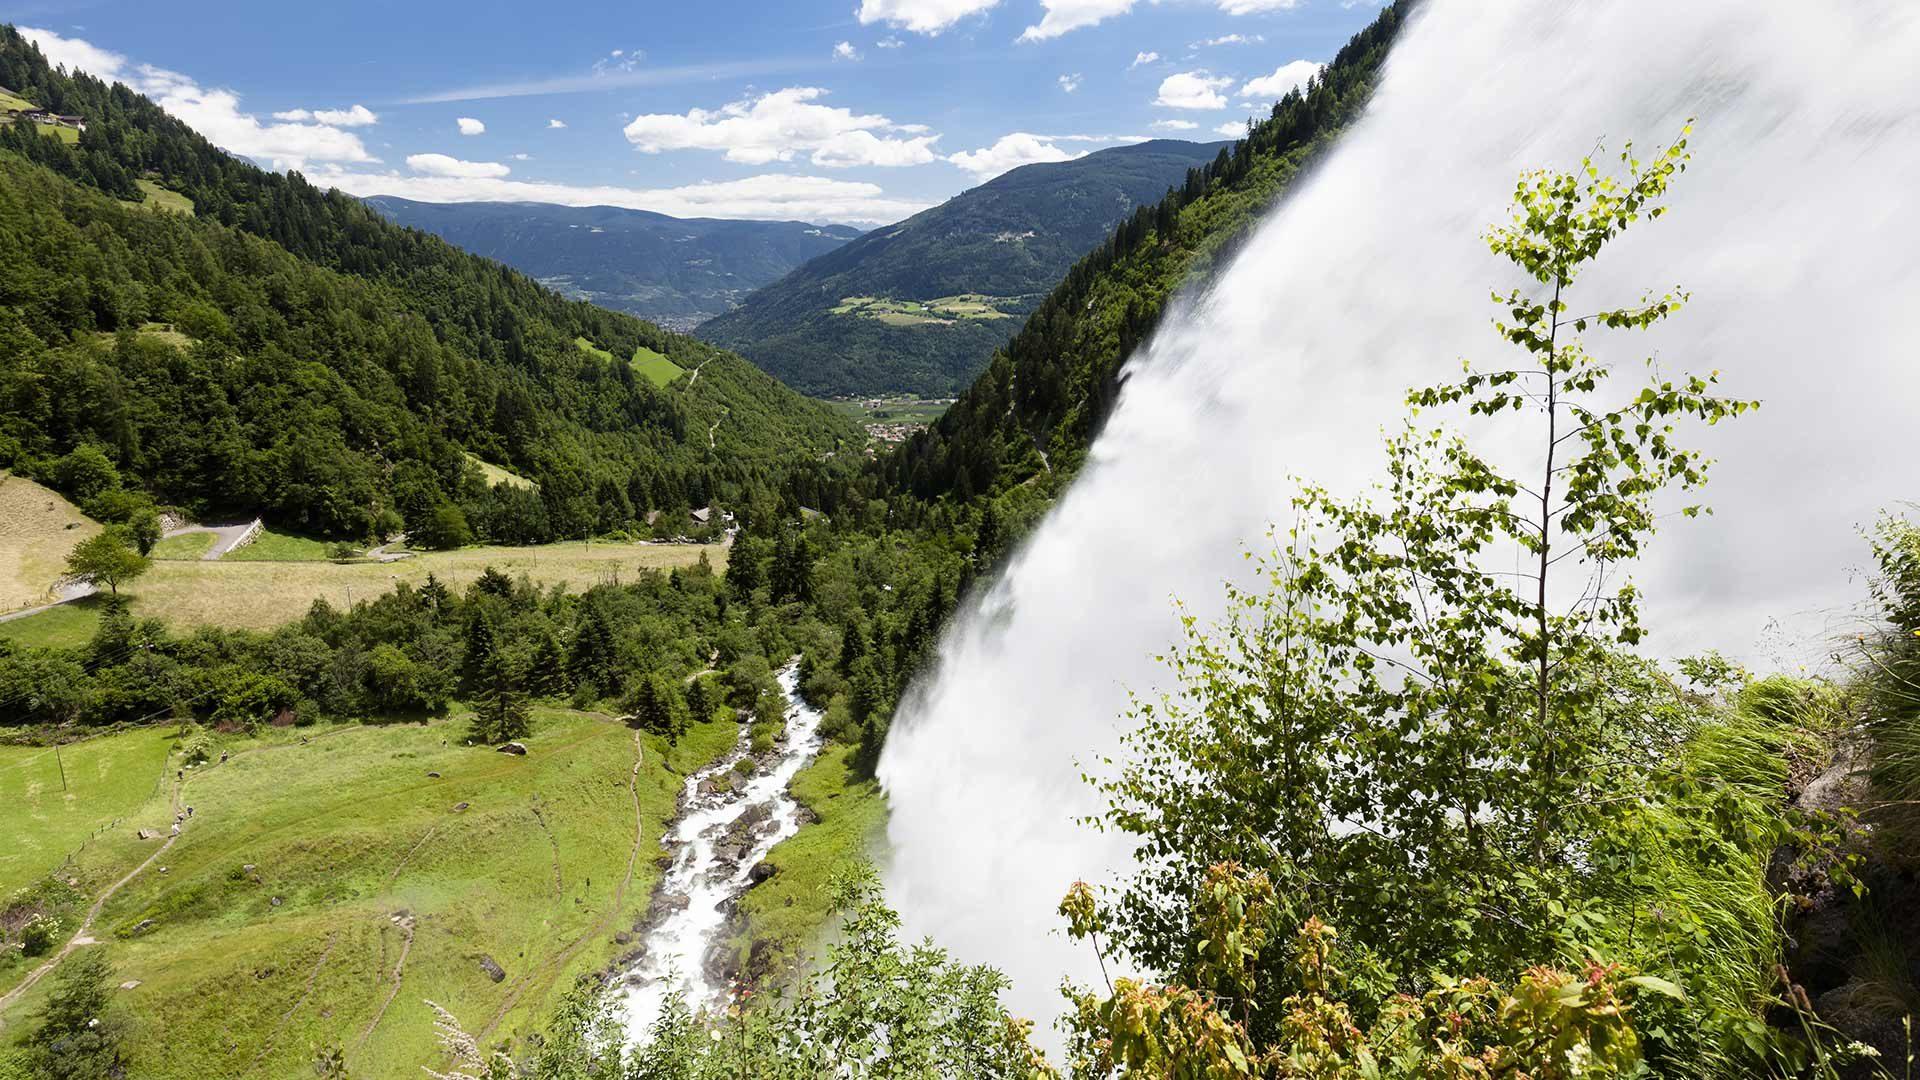 Partschinser Wasserfall zur Schneeschmelze